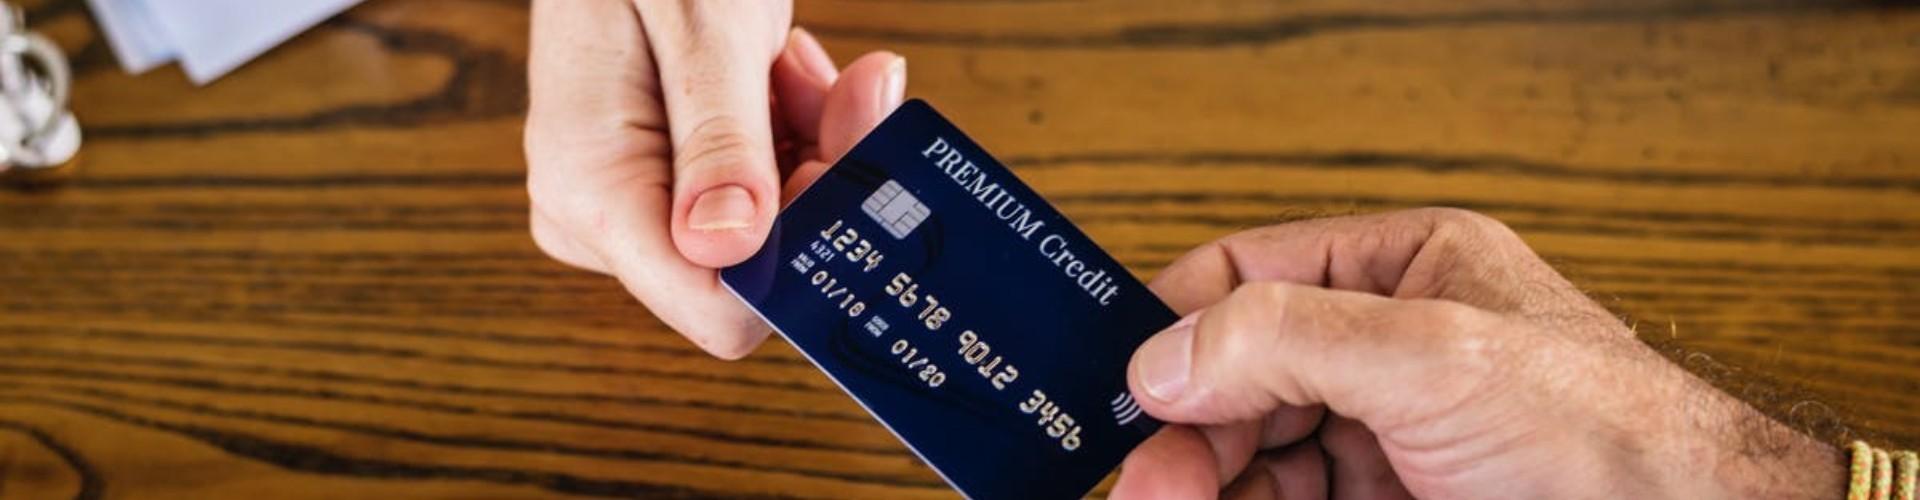 Praca w banku - jak ją dostać i na czym polega? (+Zarobki i Oferty)